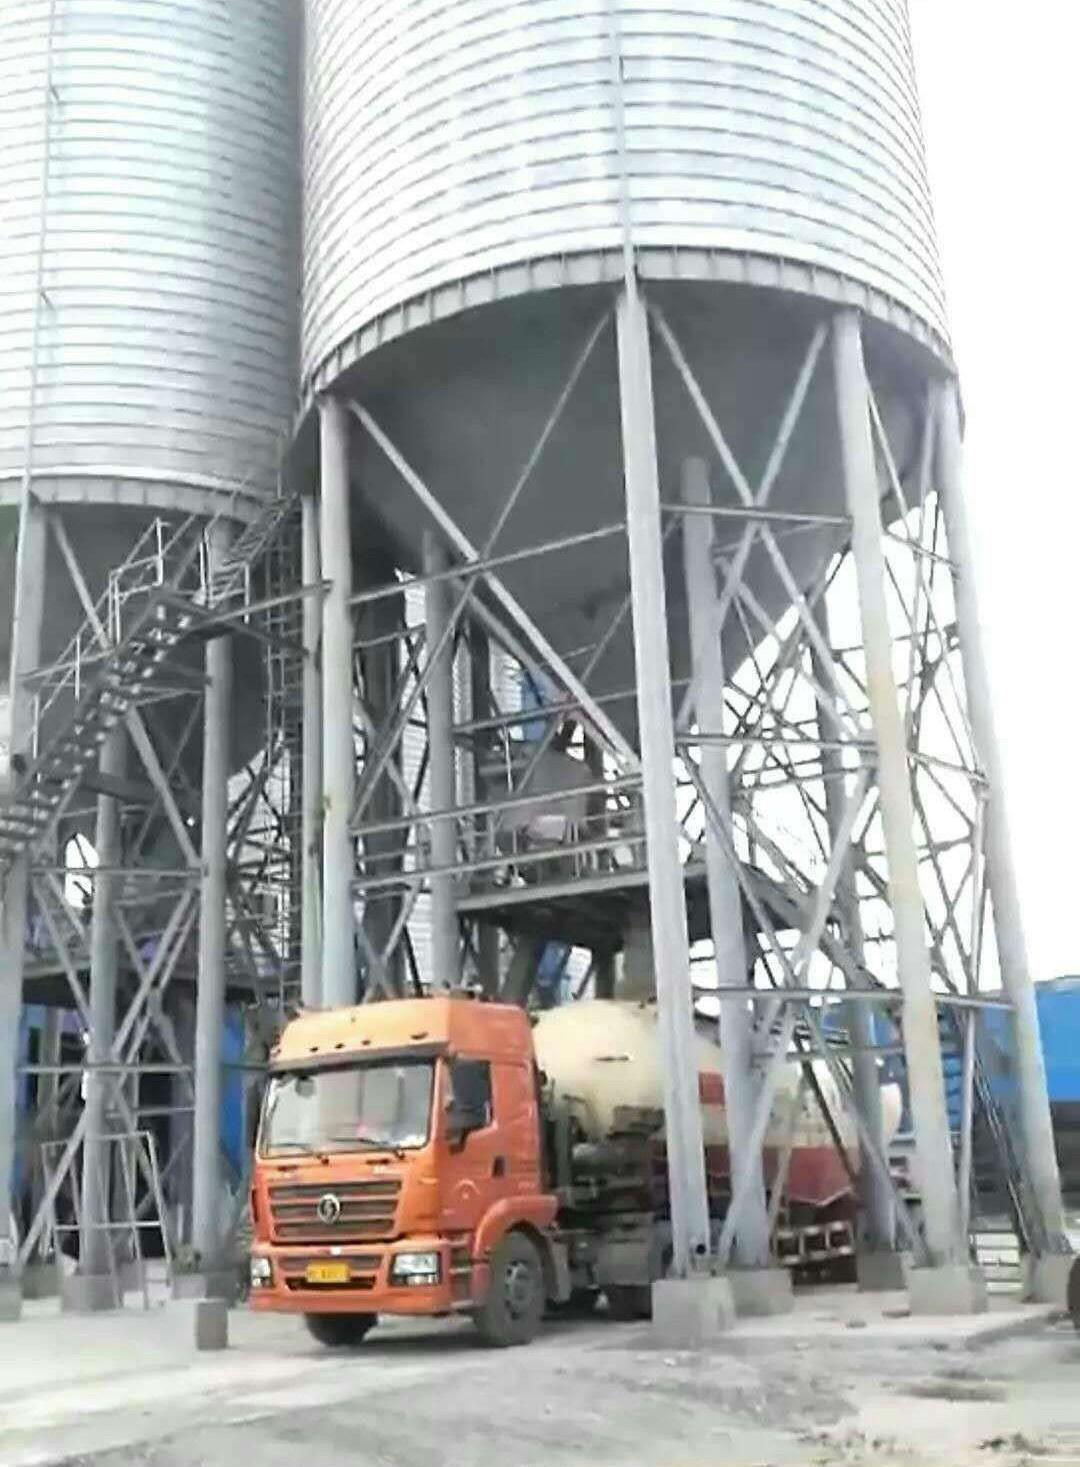 我们推荐河南矿粉钢板仓施工单位_矿粉钢板仓图片相关